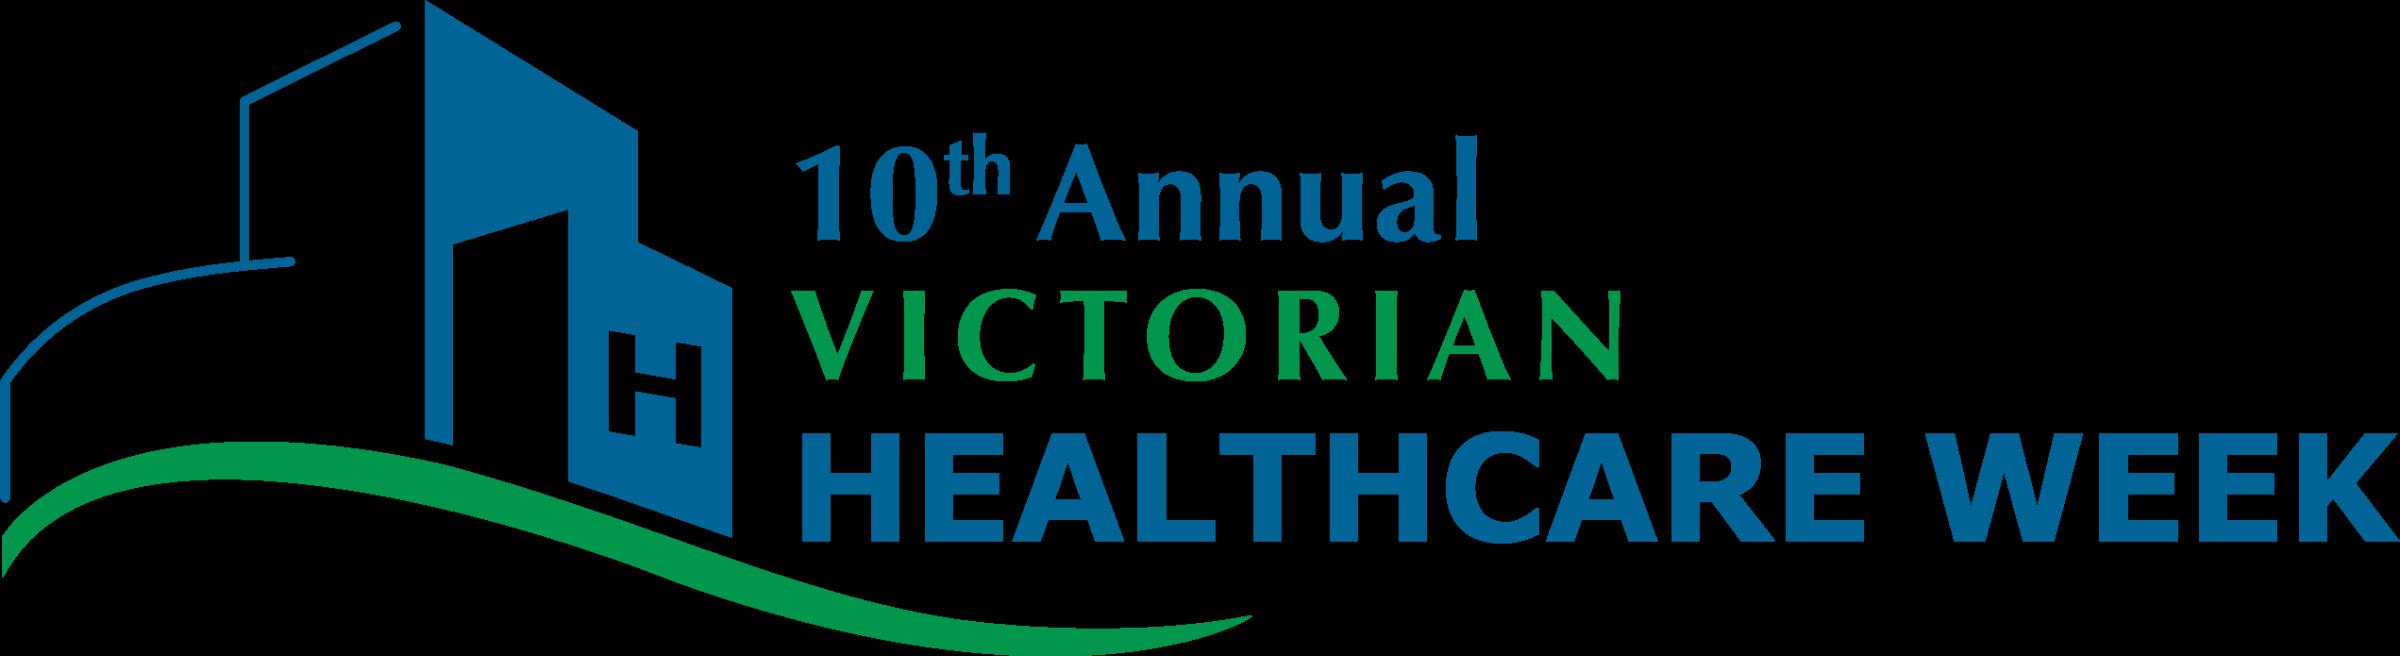 Victorian Healthcare Week 2022